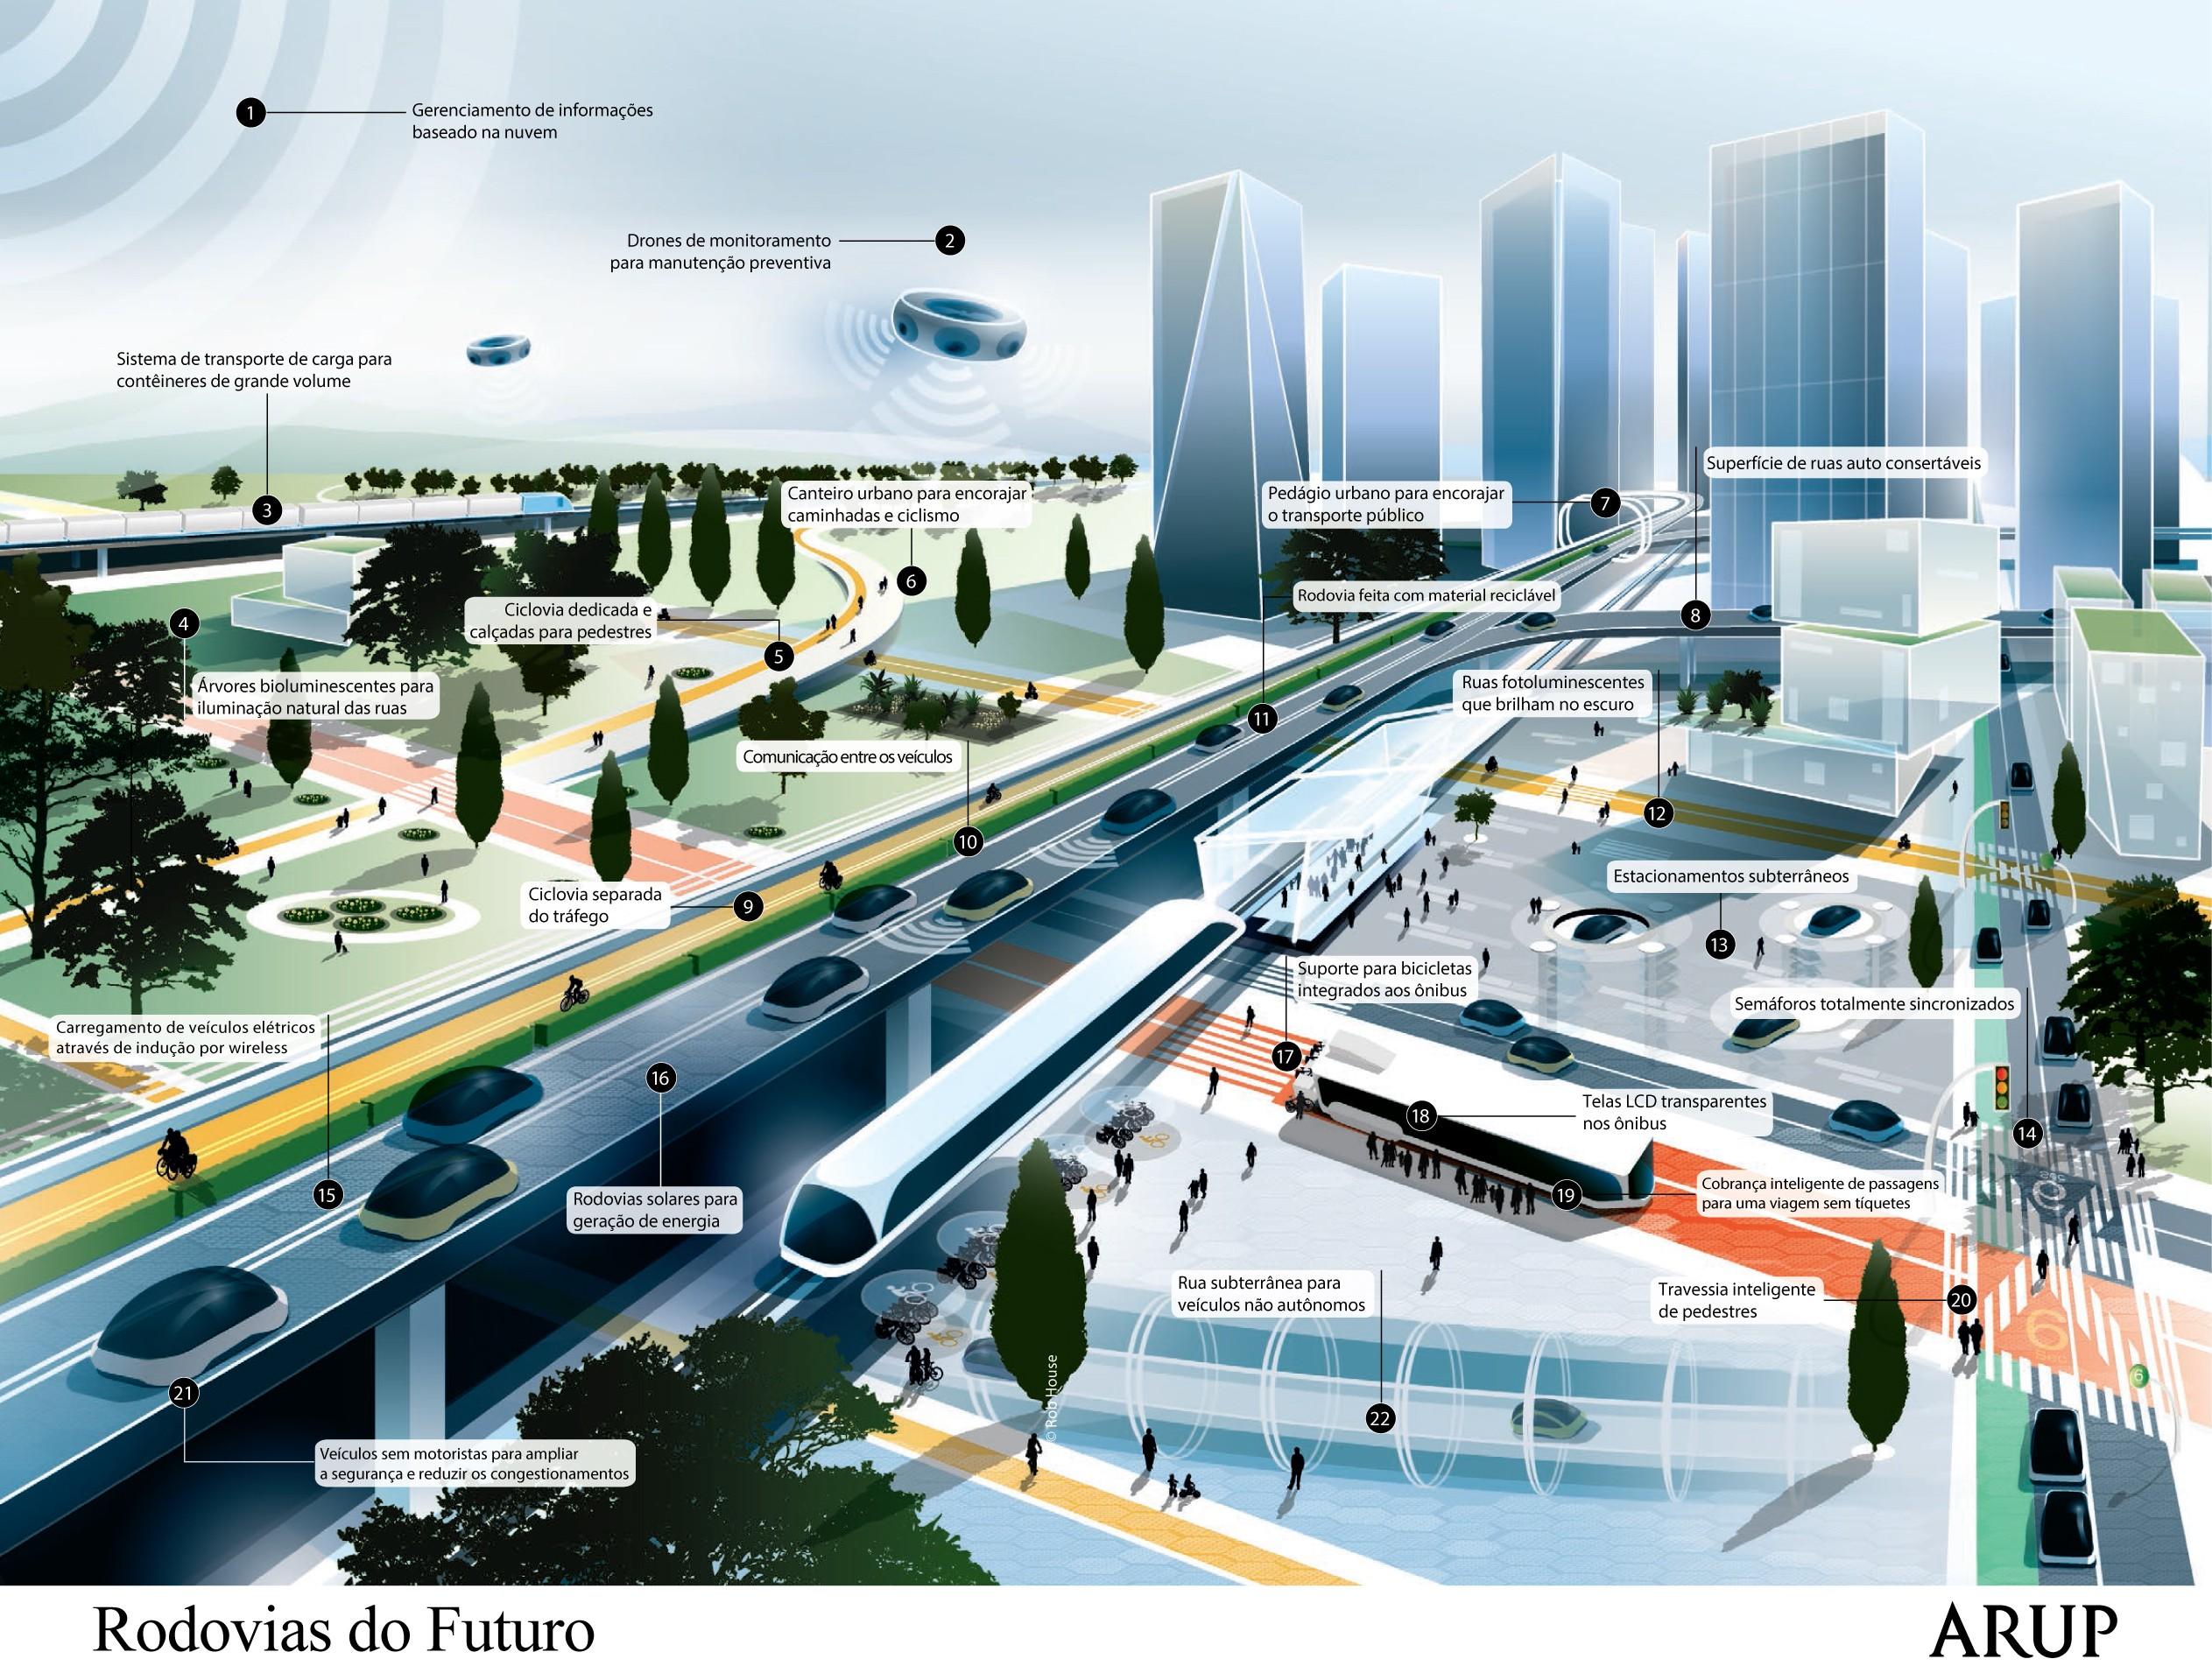 Futuro da mobilidade (Rodovias do futuro/ Divulgação ARUP)